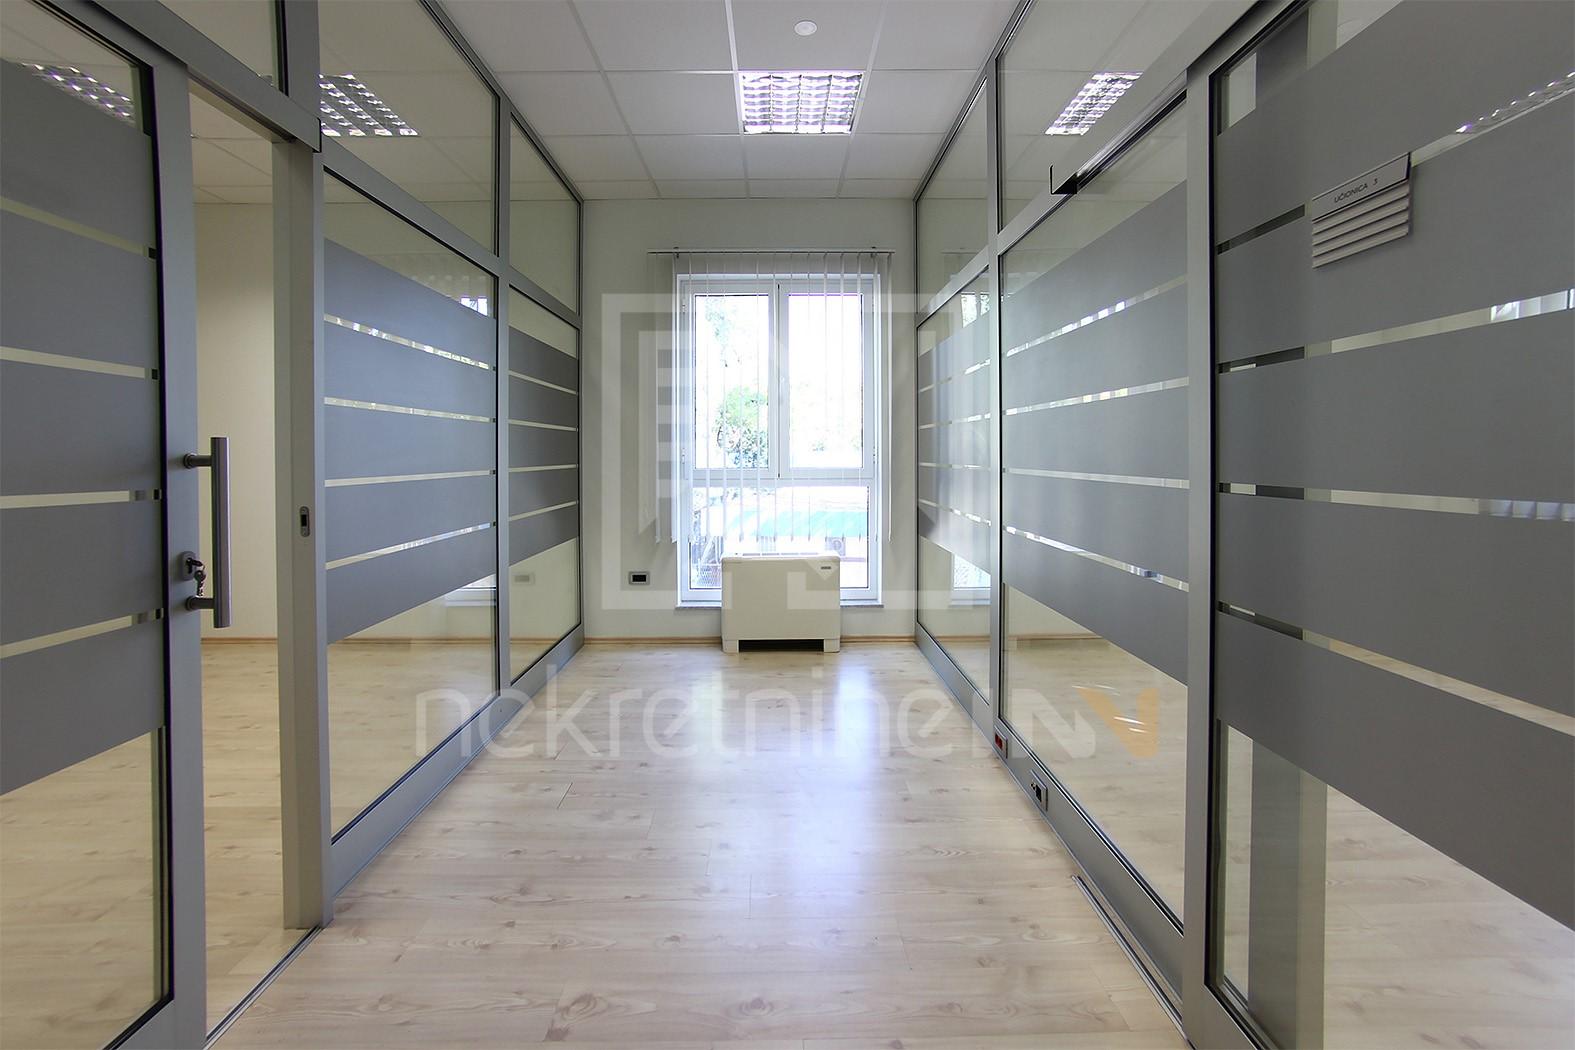 Poslovni prostor 130m2 u Mostar-u